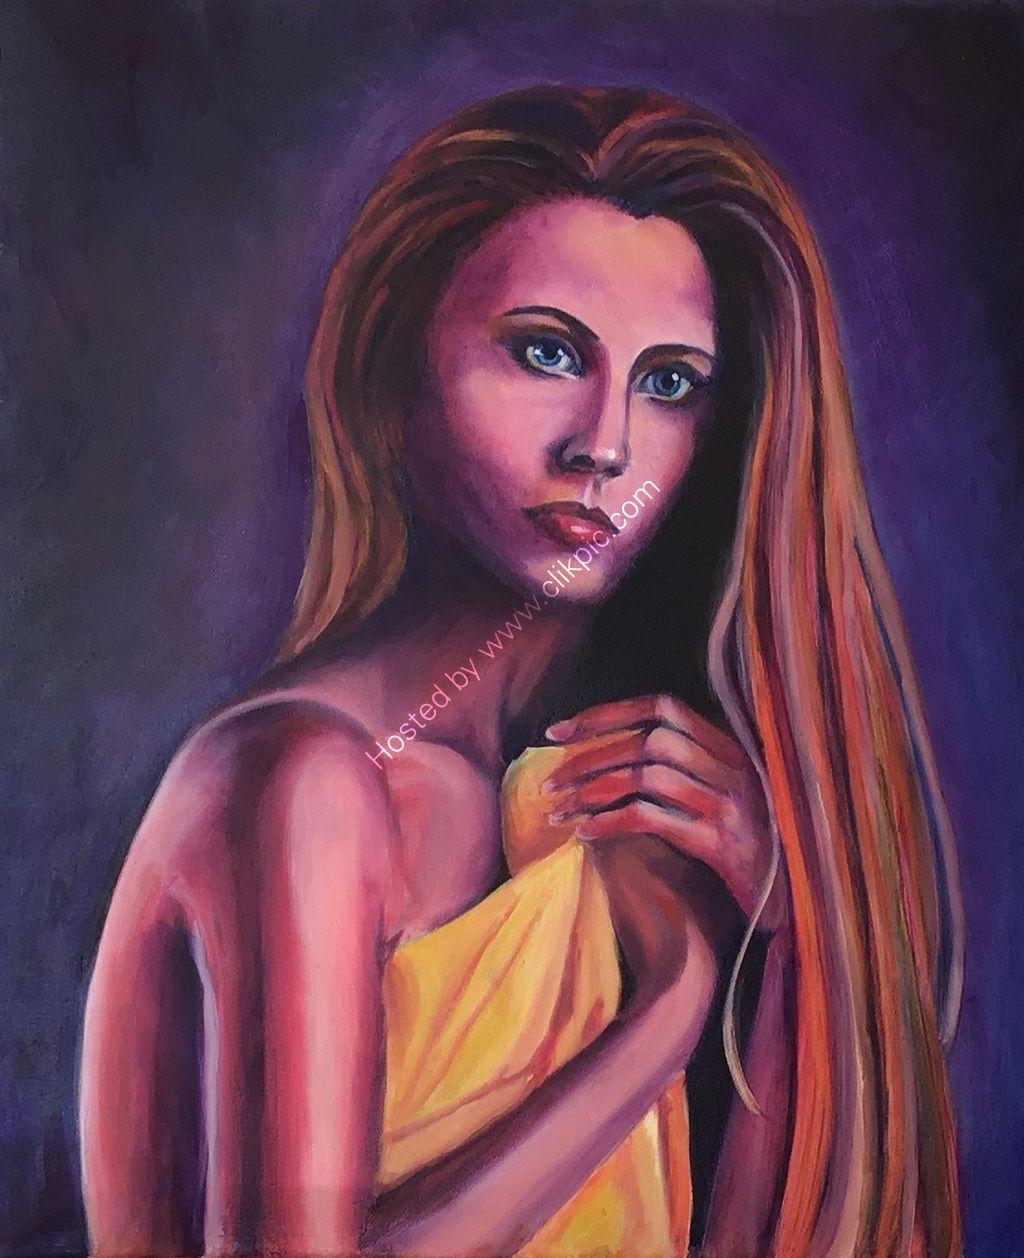 woman, nervous, fauvist, portrait